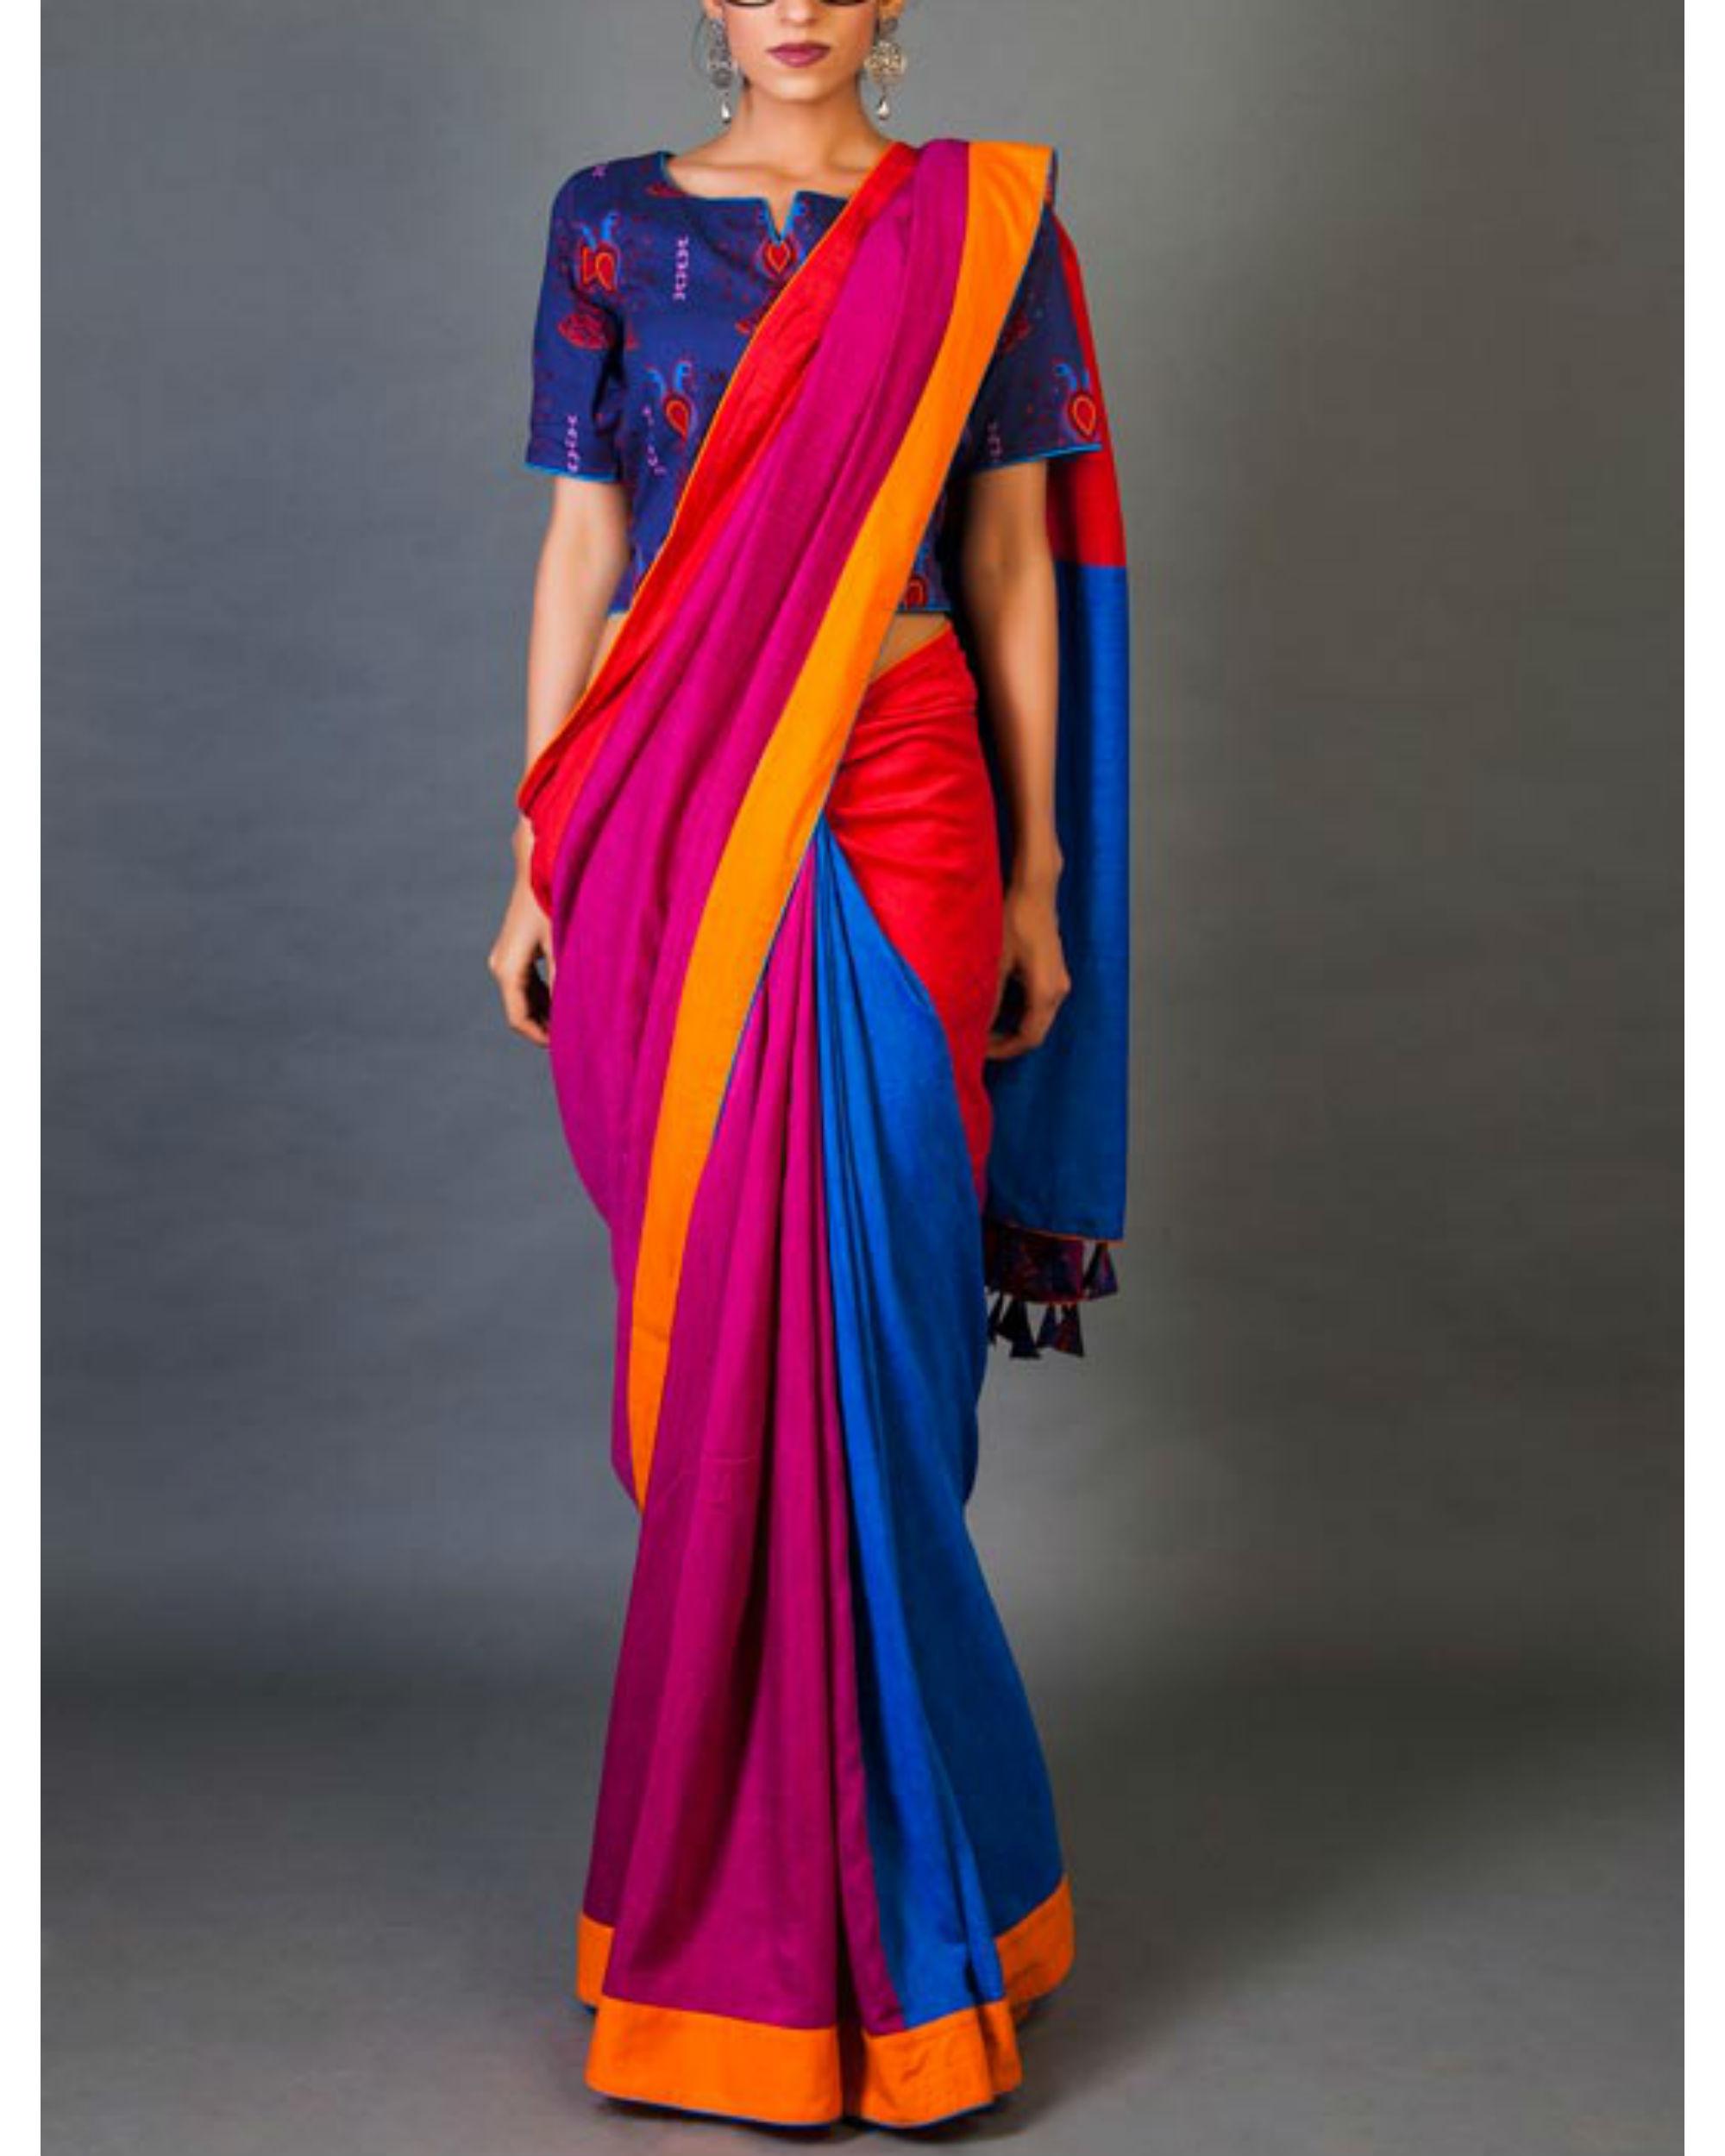 Blues and pinks sari